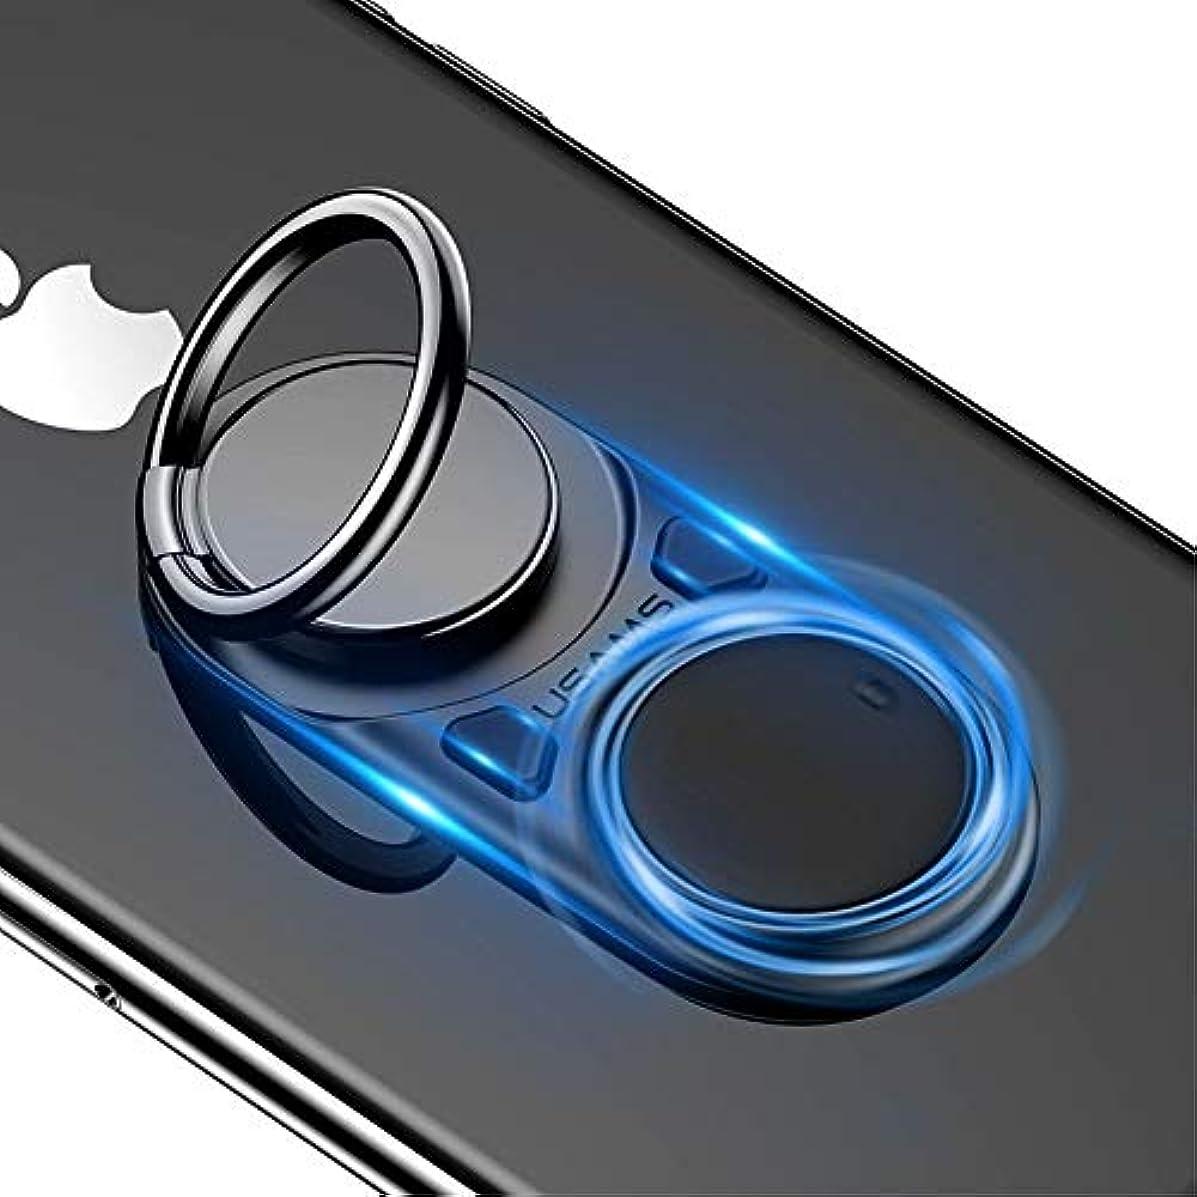 飾るペフ逆さまにDFV mobile - アンチストレスリングはあなたのプッシュボタンでプラスチック製の泡を爆発させ、スピナーとしてホイールを回転させます => PRESTIGIO MULTIPHONE 7500 32 GB > 黒